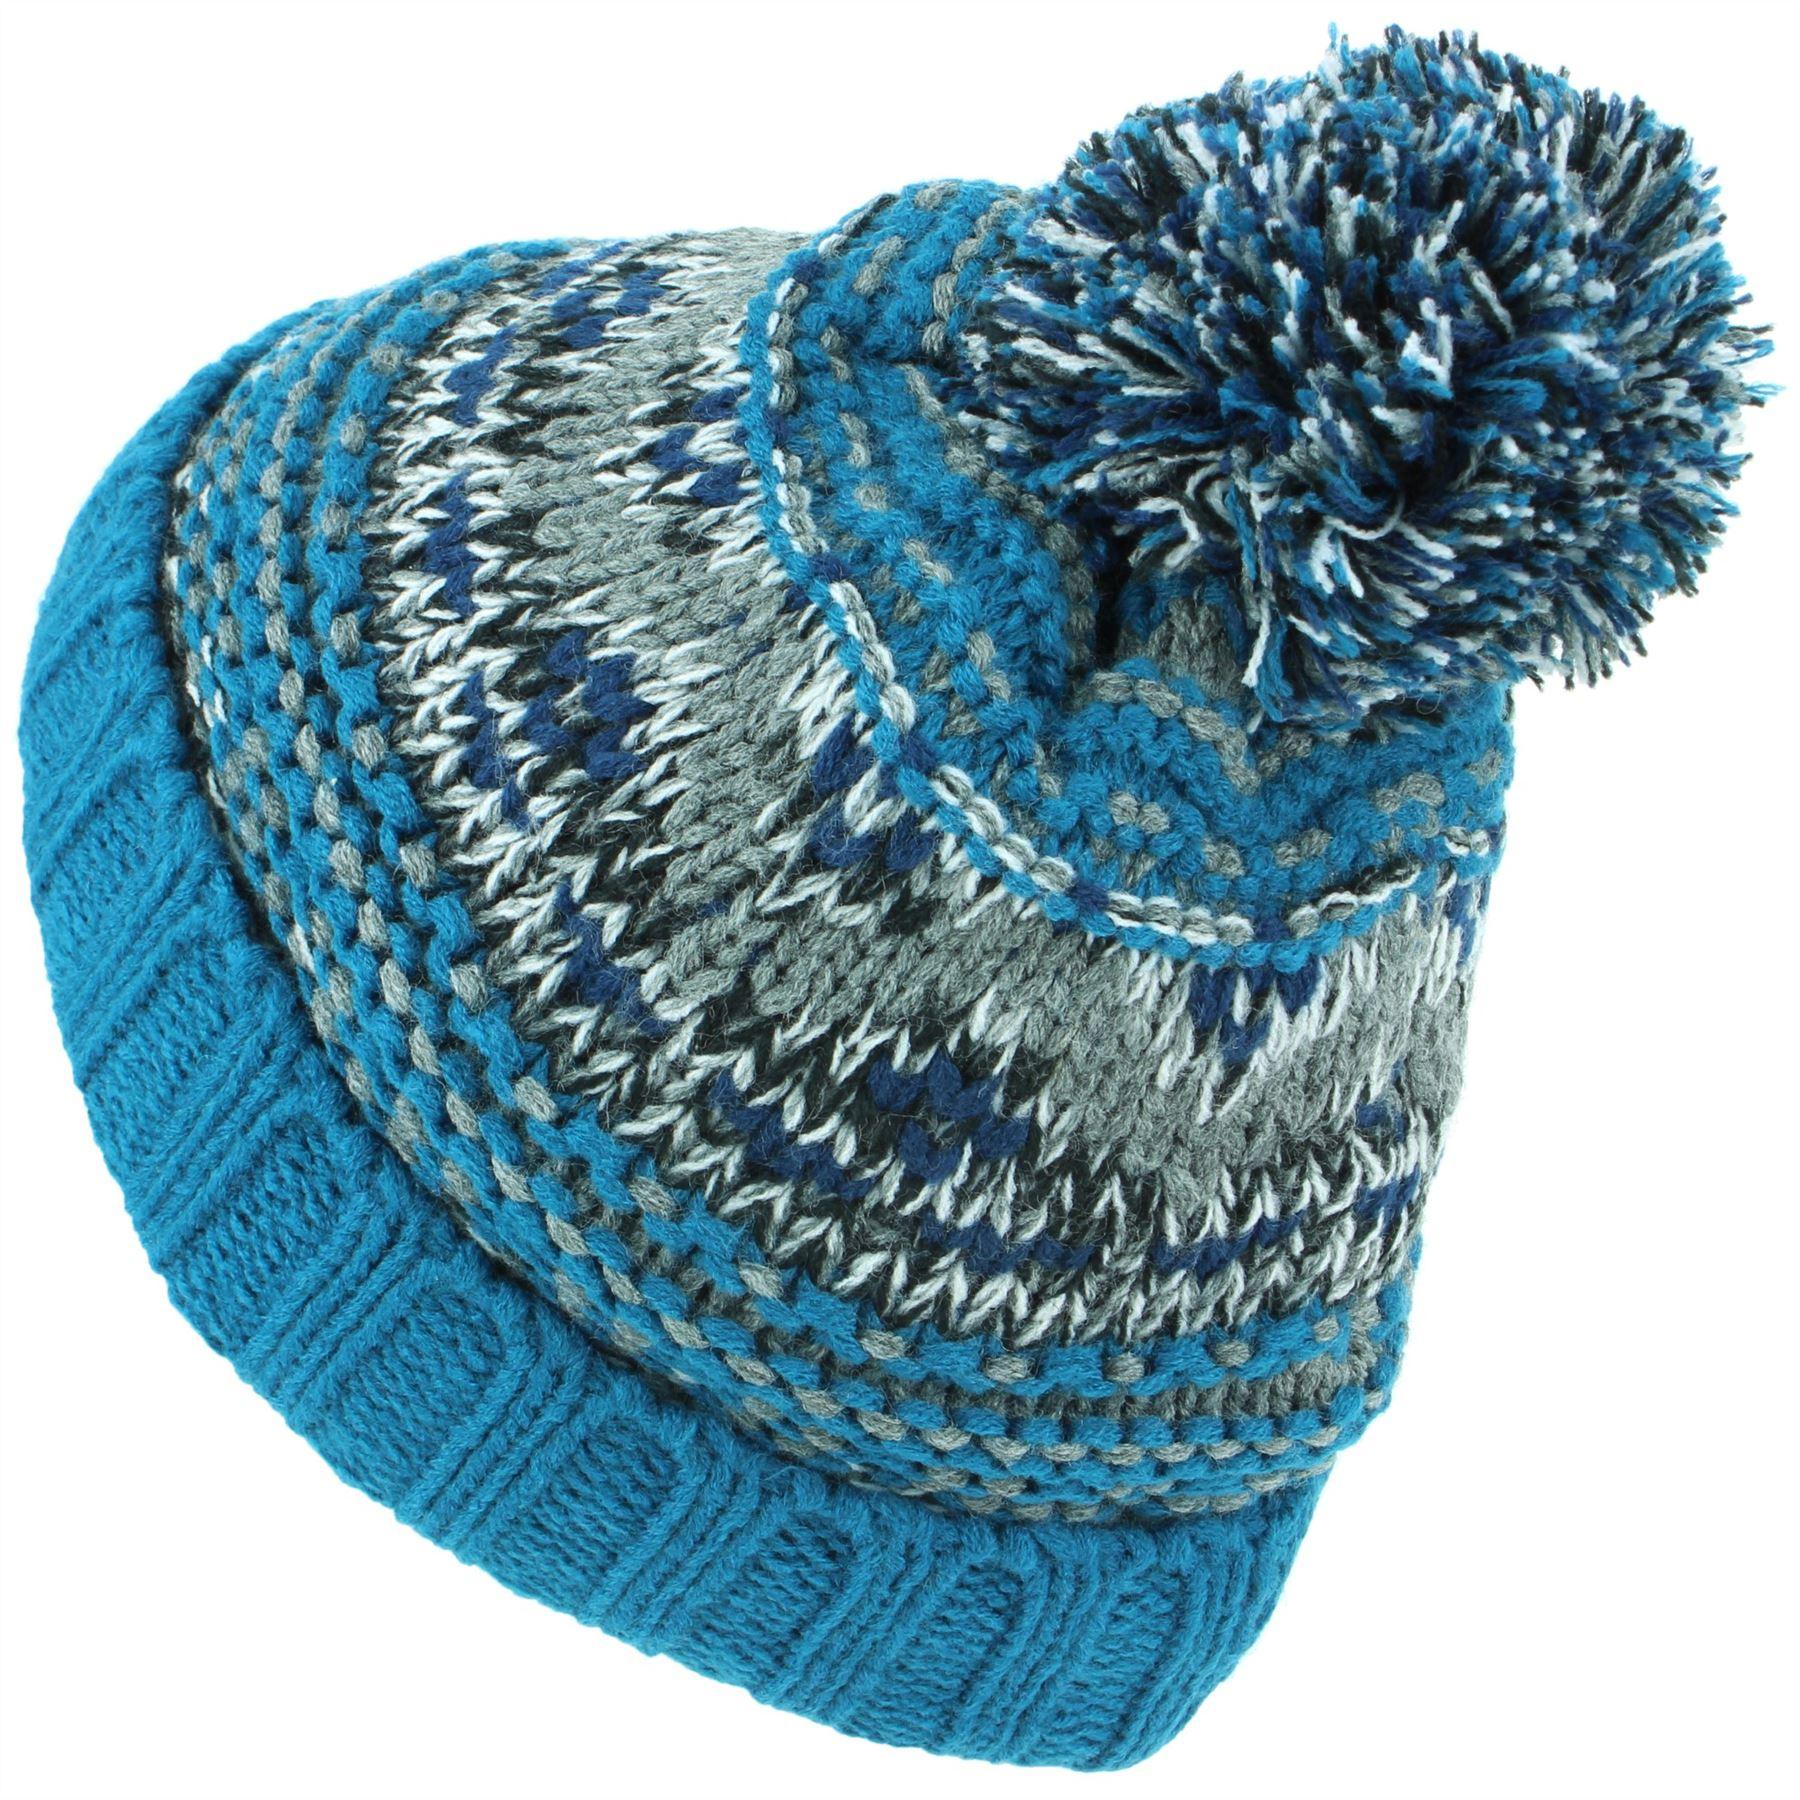 5f55e78f767 Beanie Hat Cap Warm Winter Fairisle Childrens Soft Chunky Bobble ...